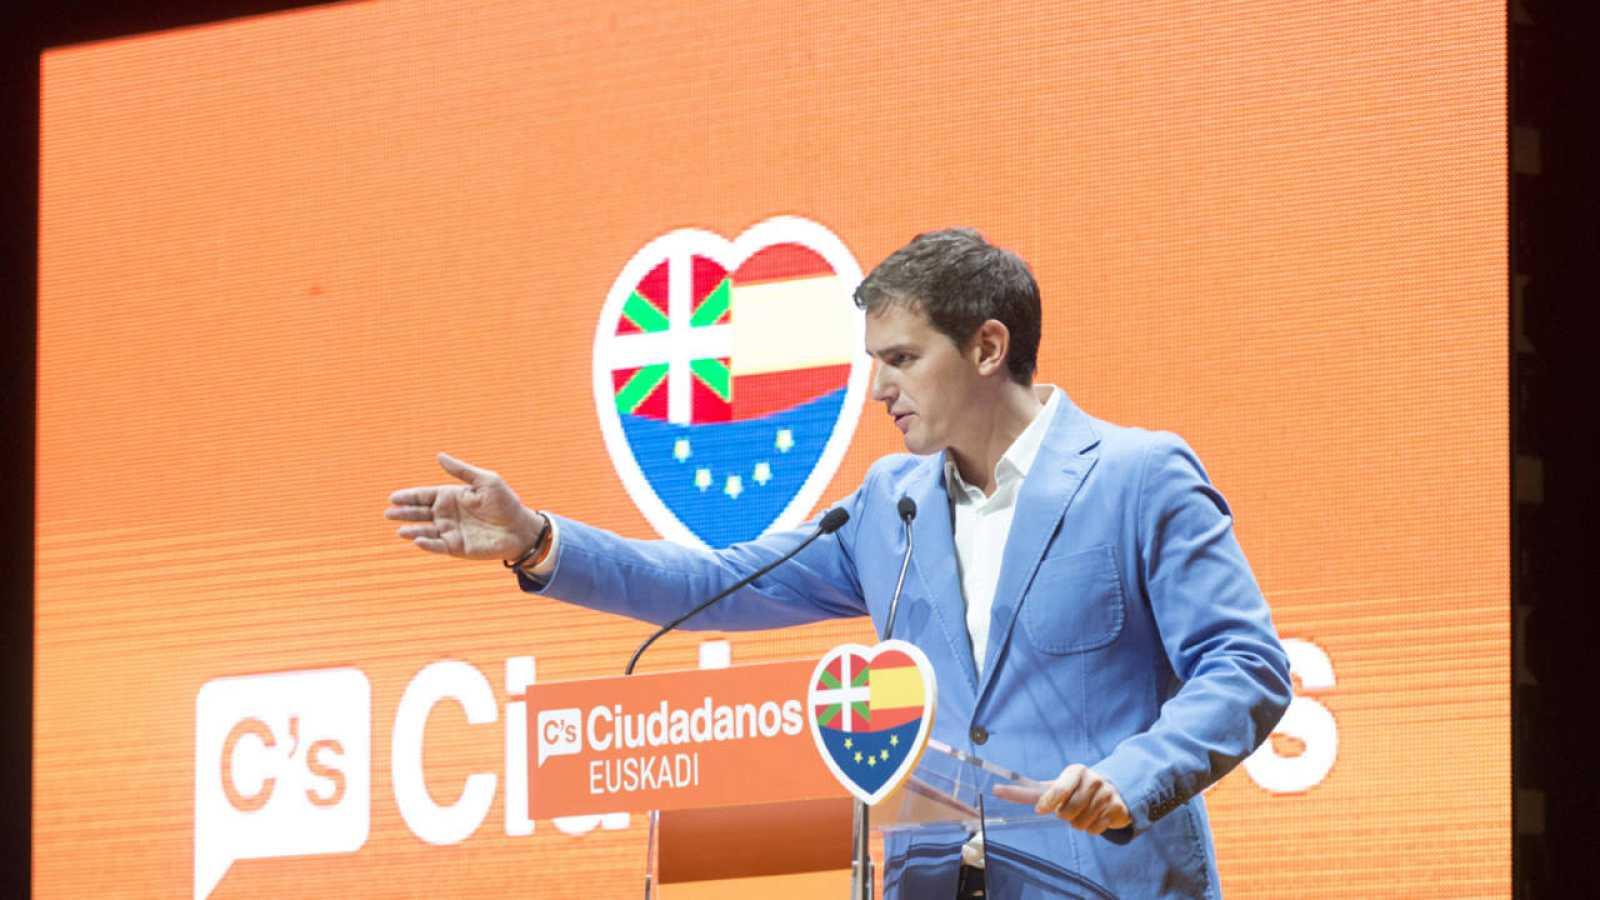 El líder de Ciudadanos, Albert Rivera, en un acto electoral en el País Vasco